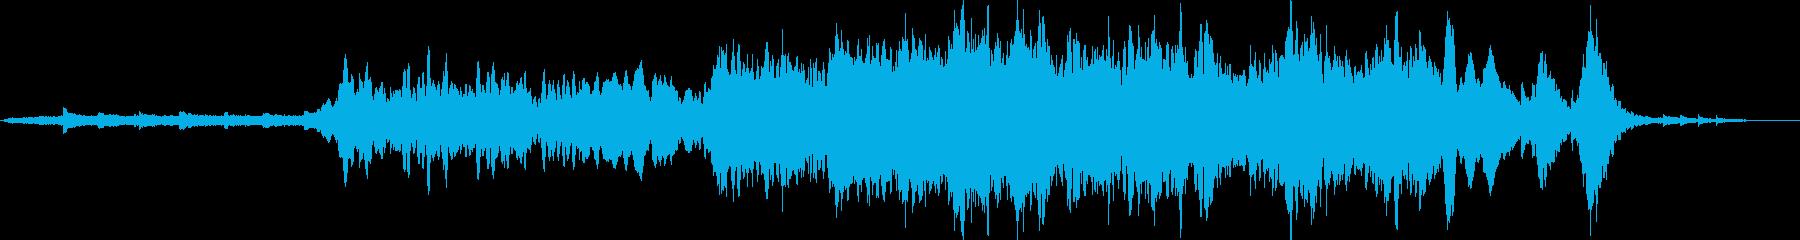 イージーリスニング/ニューエイジピ...の再生済みの波形